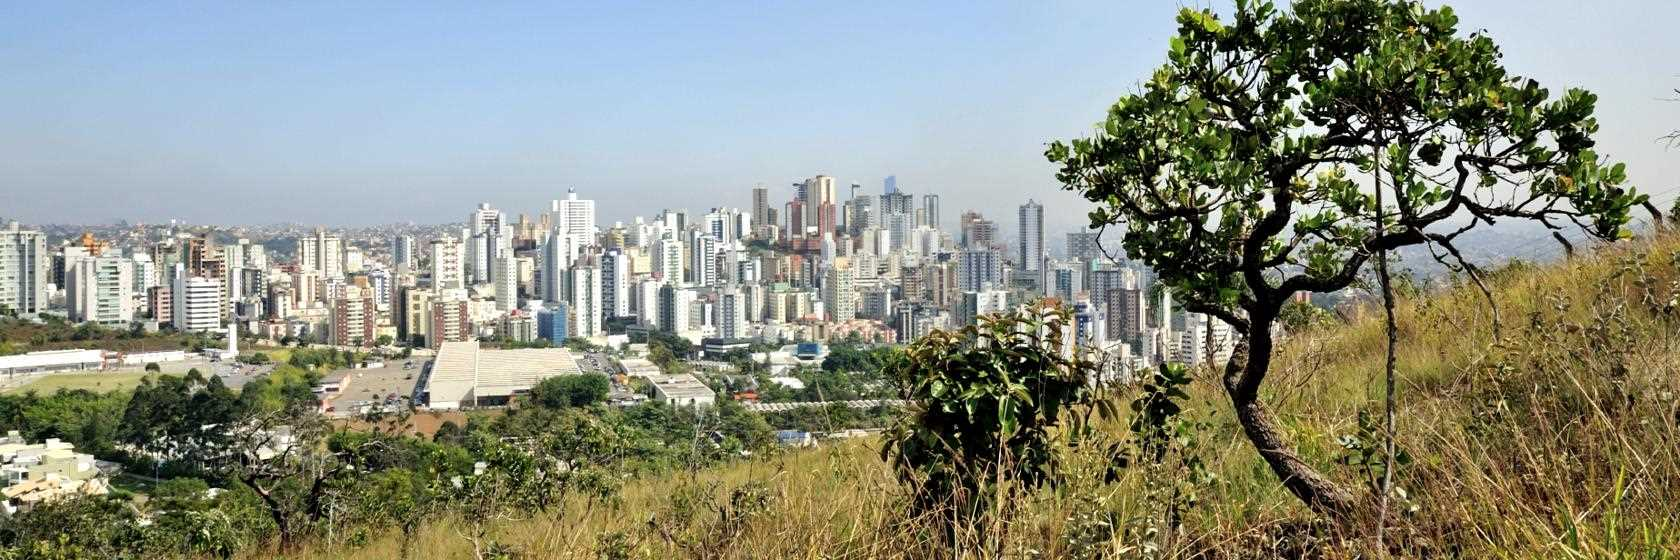 [Hotéis e Pousadas em Belo Horizonte MG]